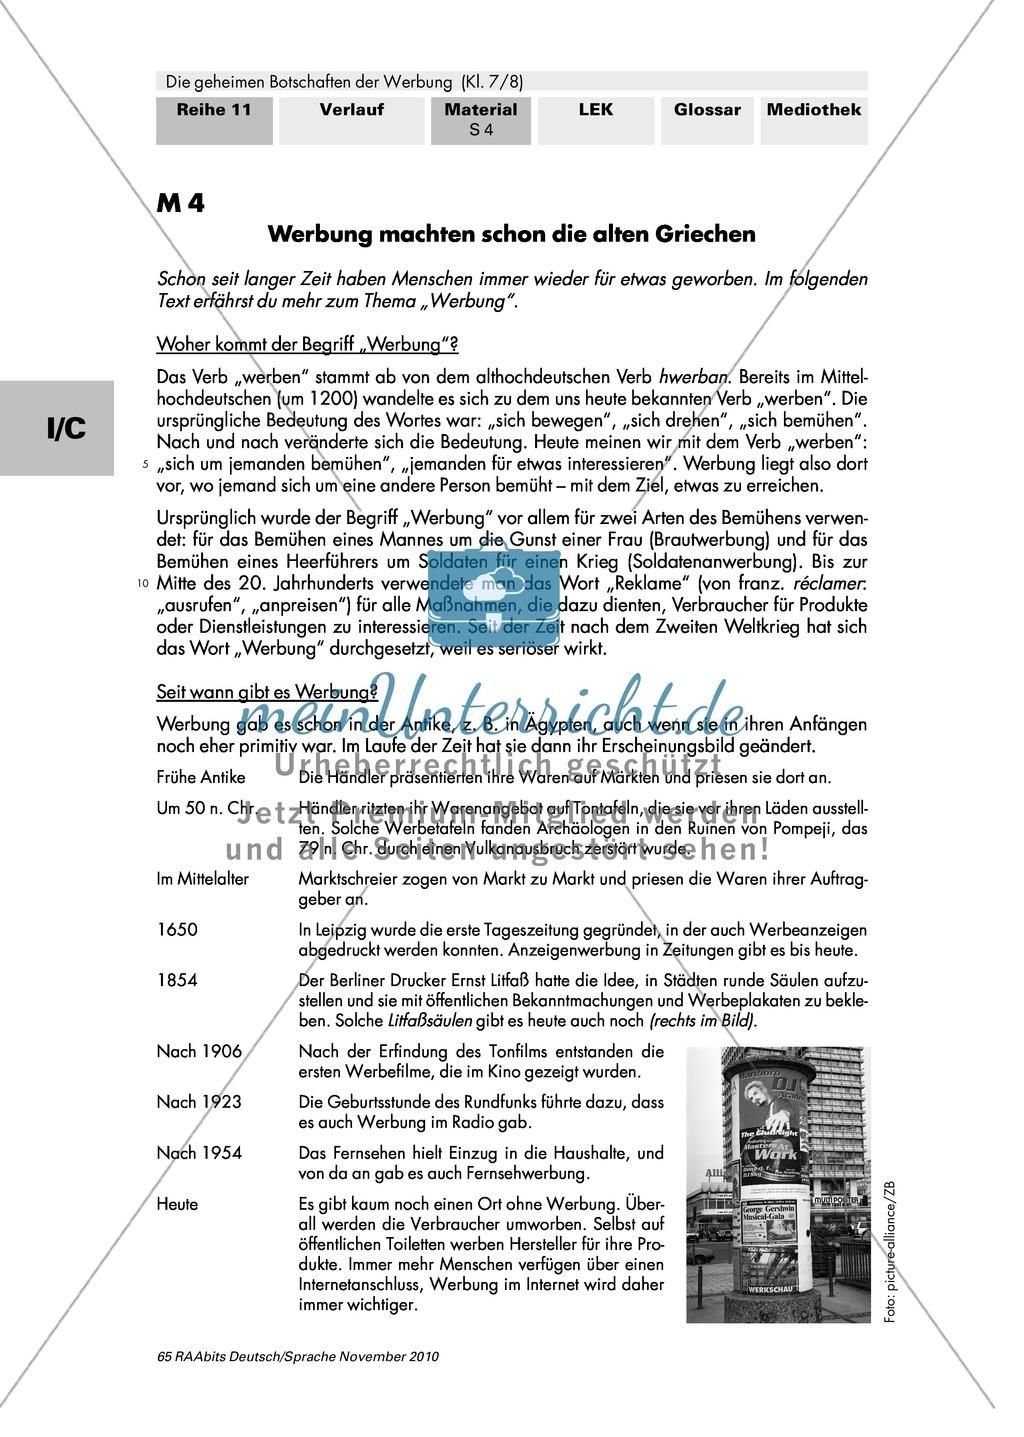 Werbung früher und heute: Werbung als gesellschaftliches Phänomen verstehen, Geschichte und Funktion der Werbung herausarbeiten Preview 3